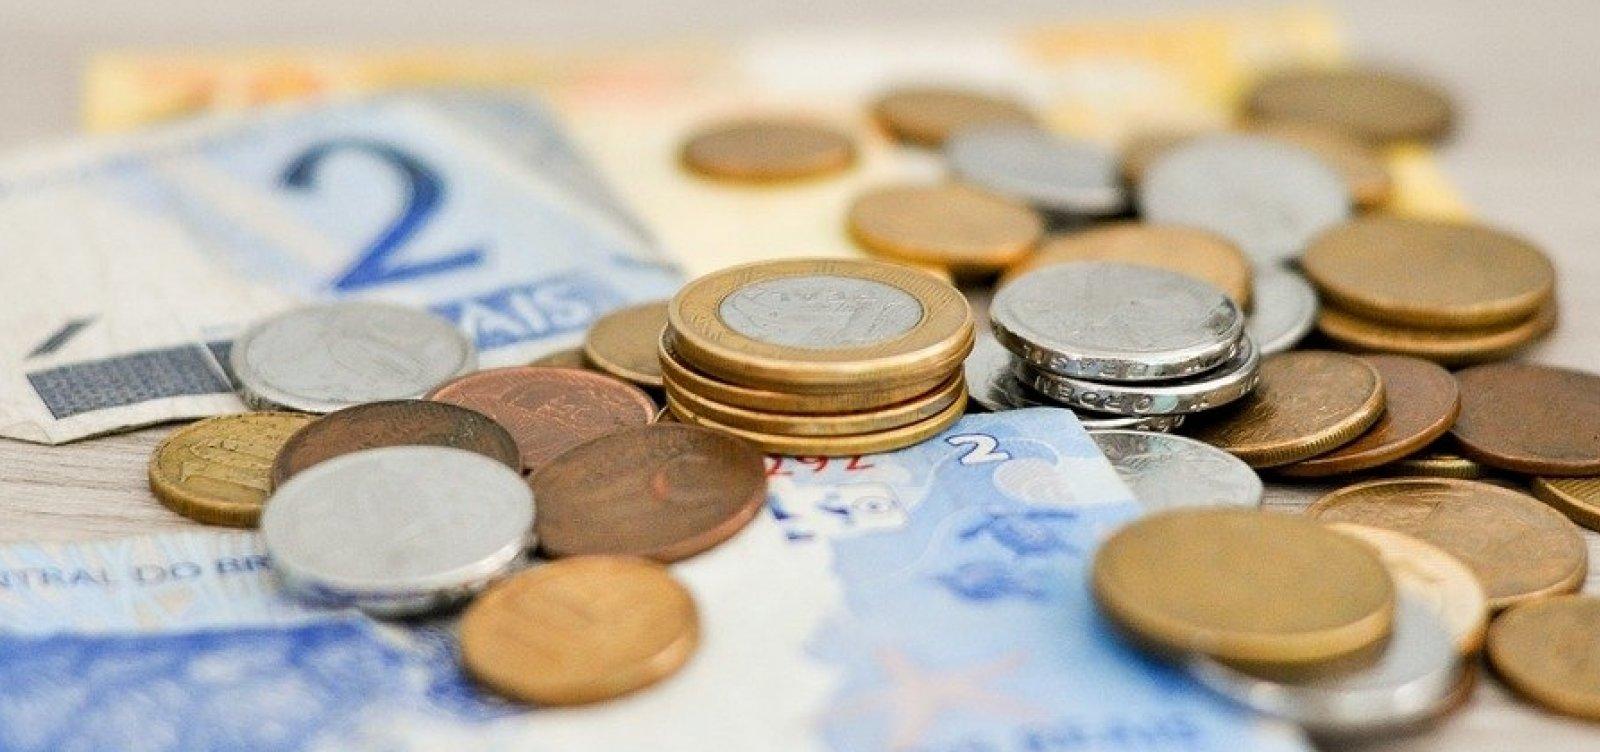 [37% dos inadimplentes devem até R$ 500, diz CNDL]